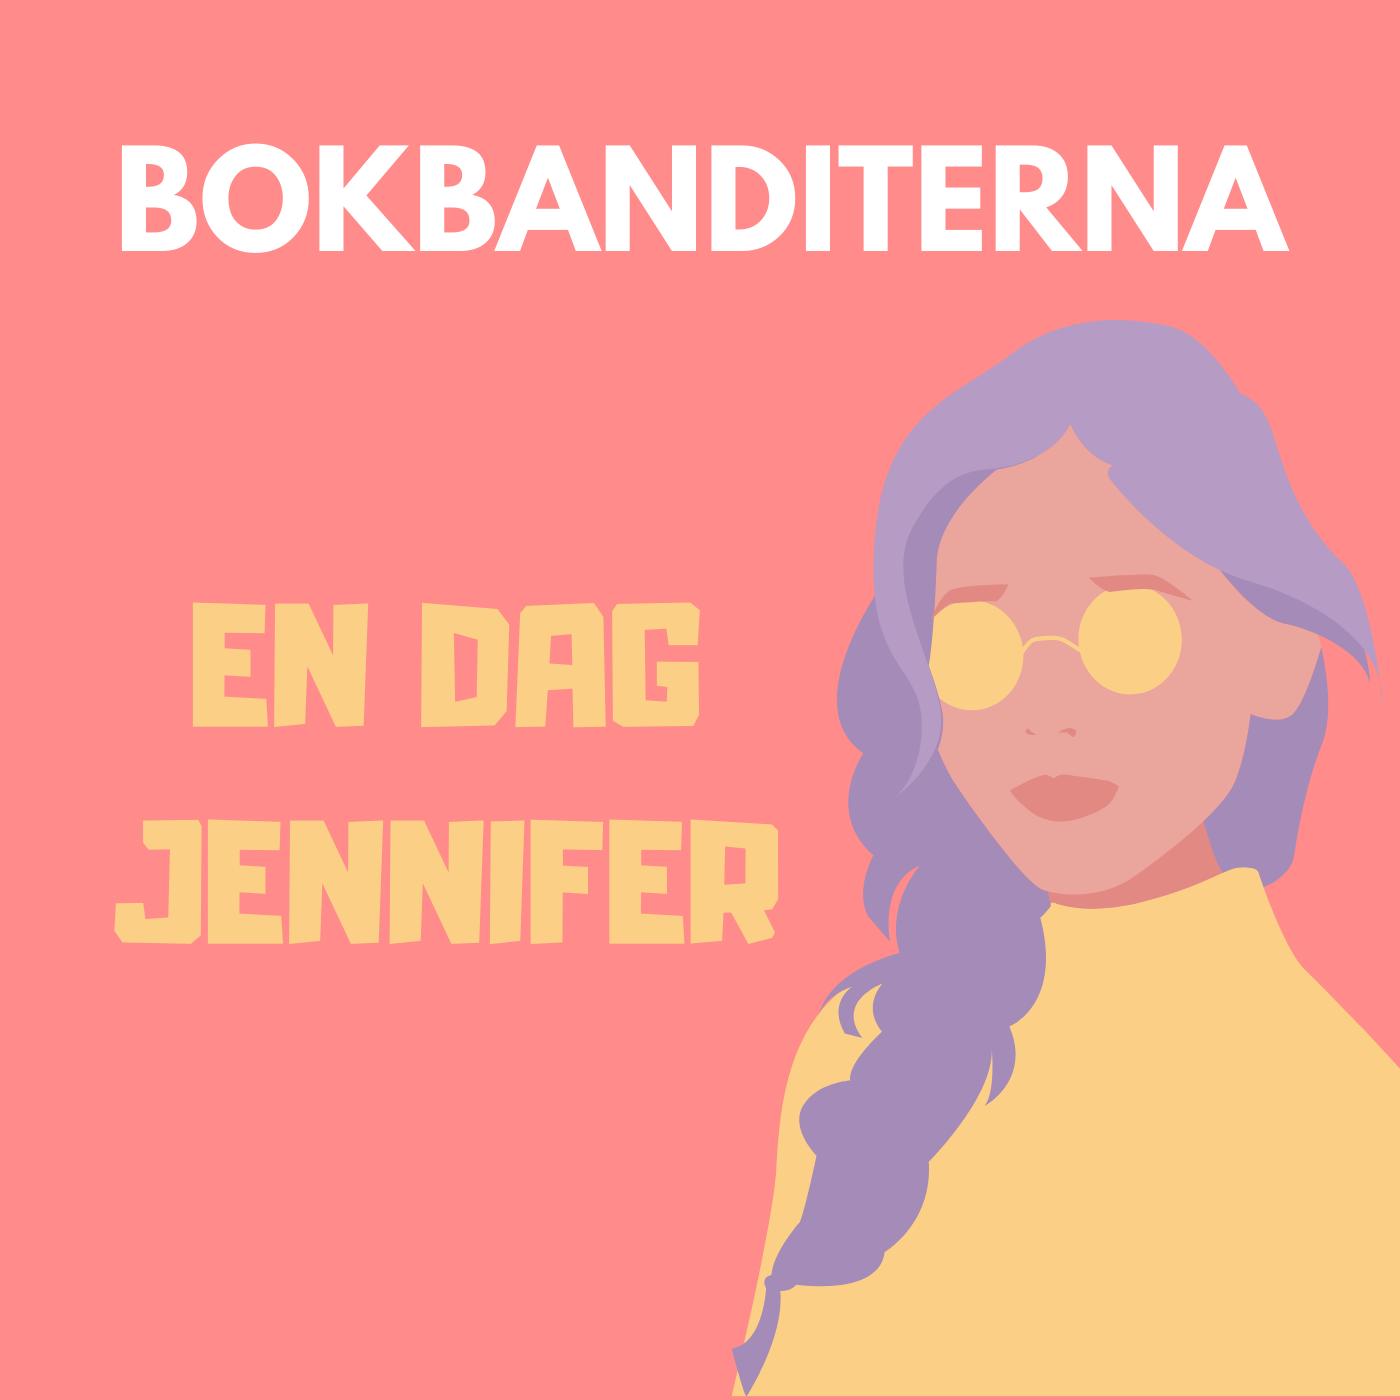 En dag, Jennifer